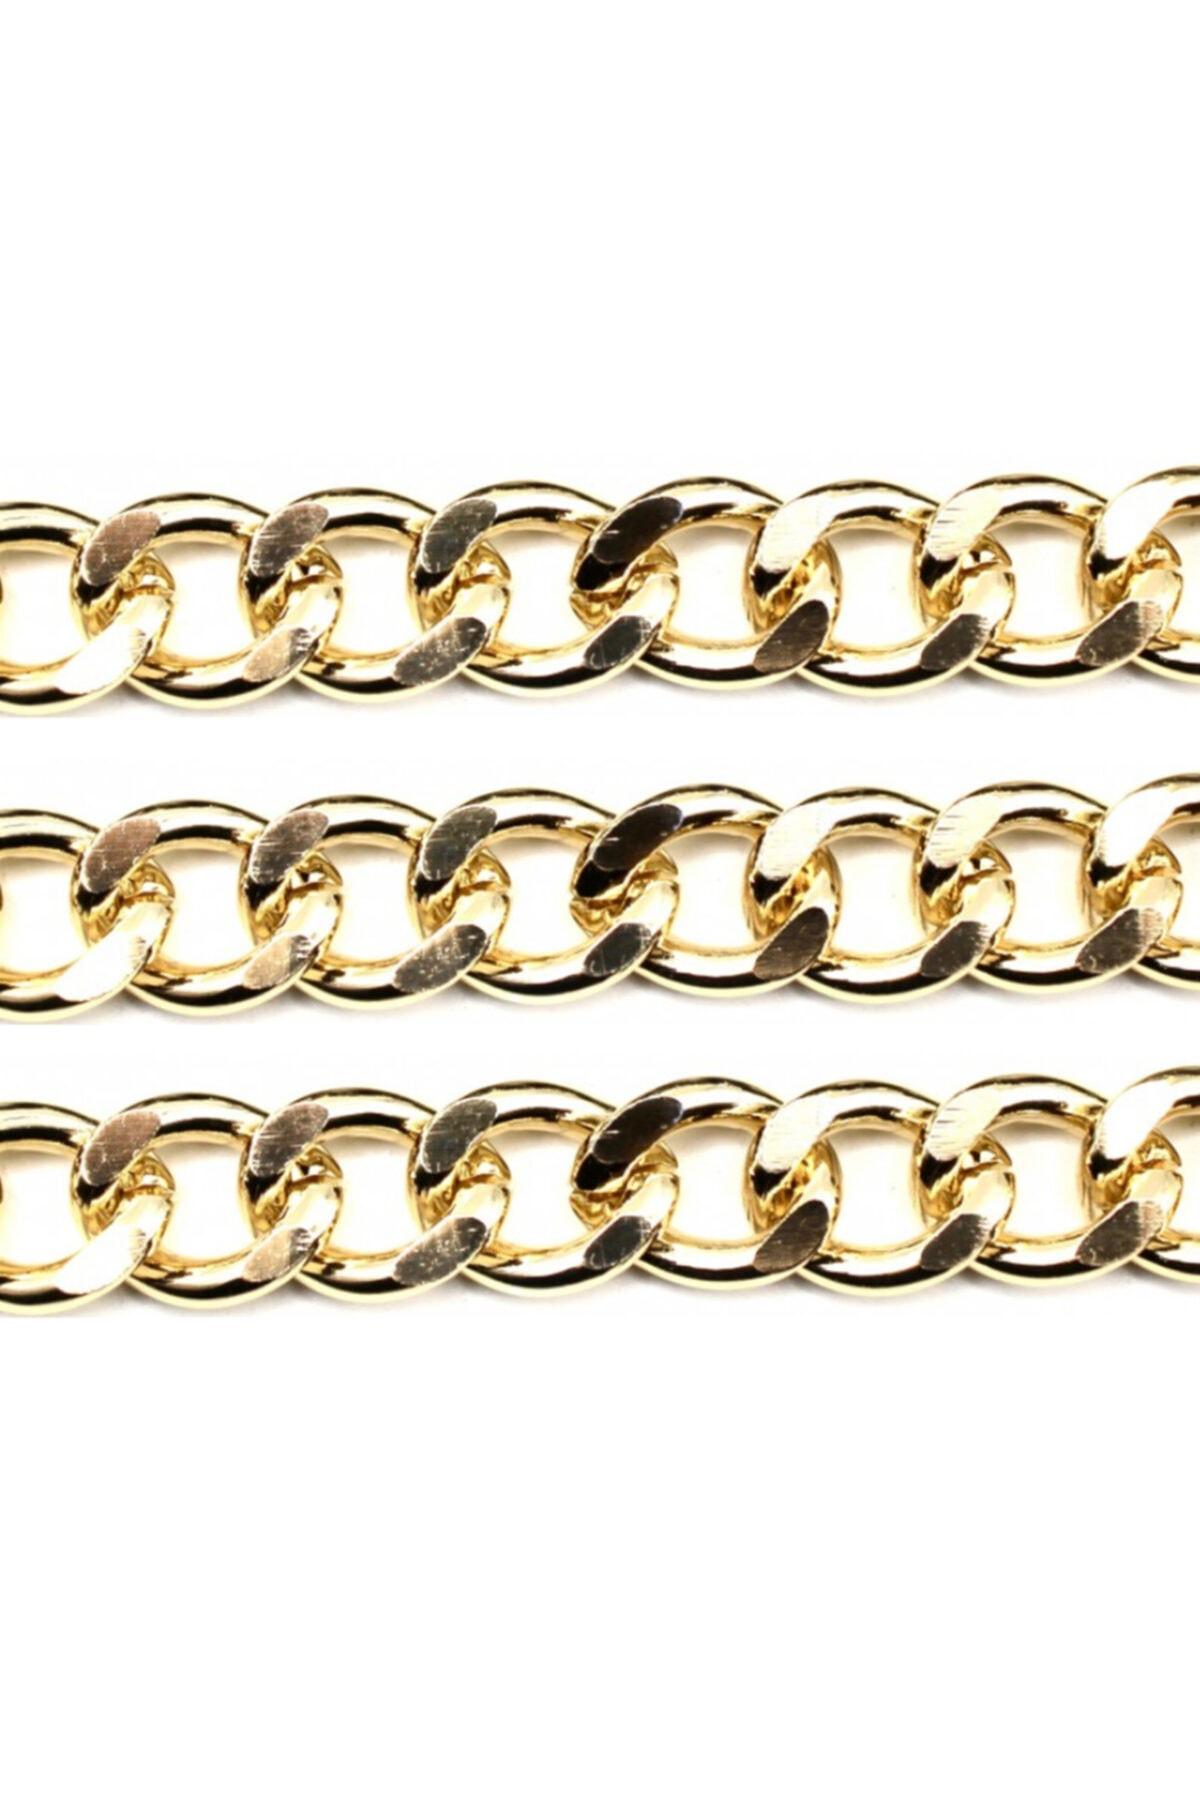 TahtakaleToptancıları Alüminyum Çanta Ve Takı Zinciri 10 mm 1 mt Altın 1